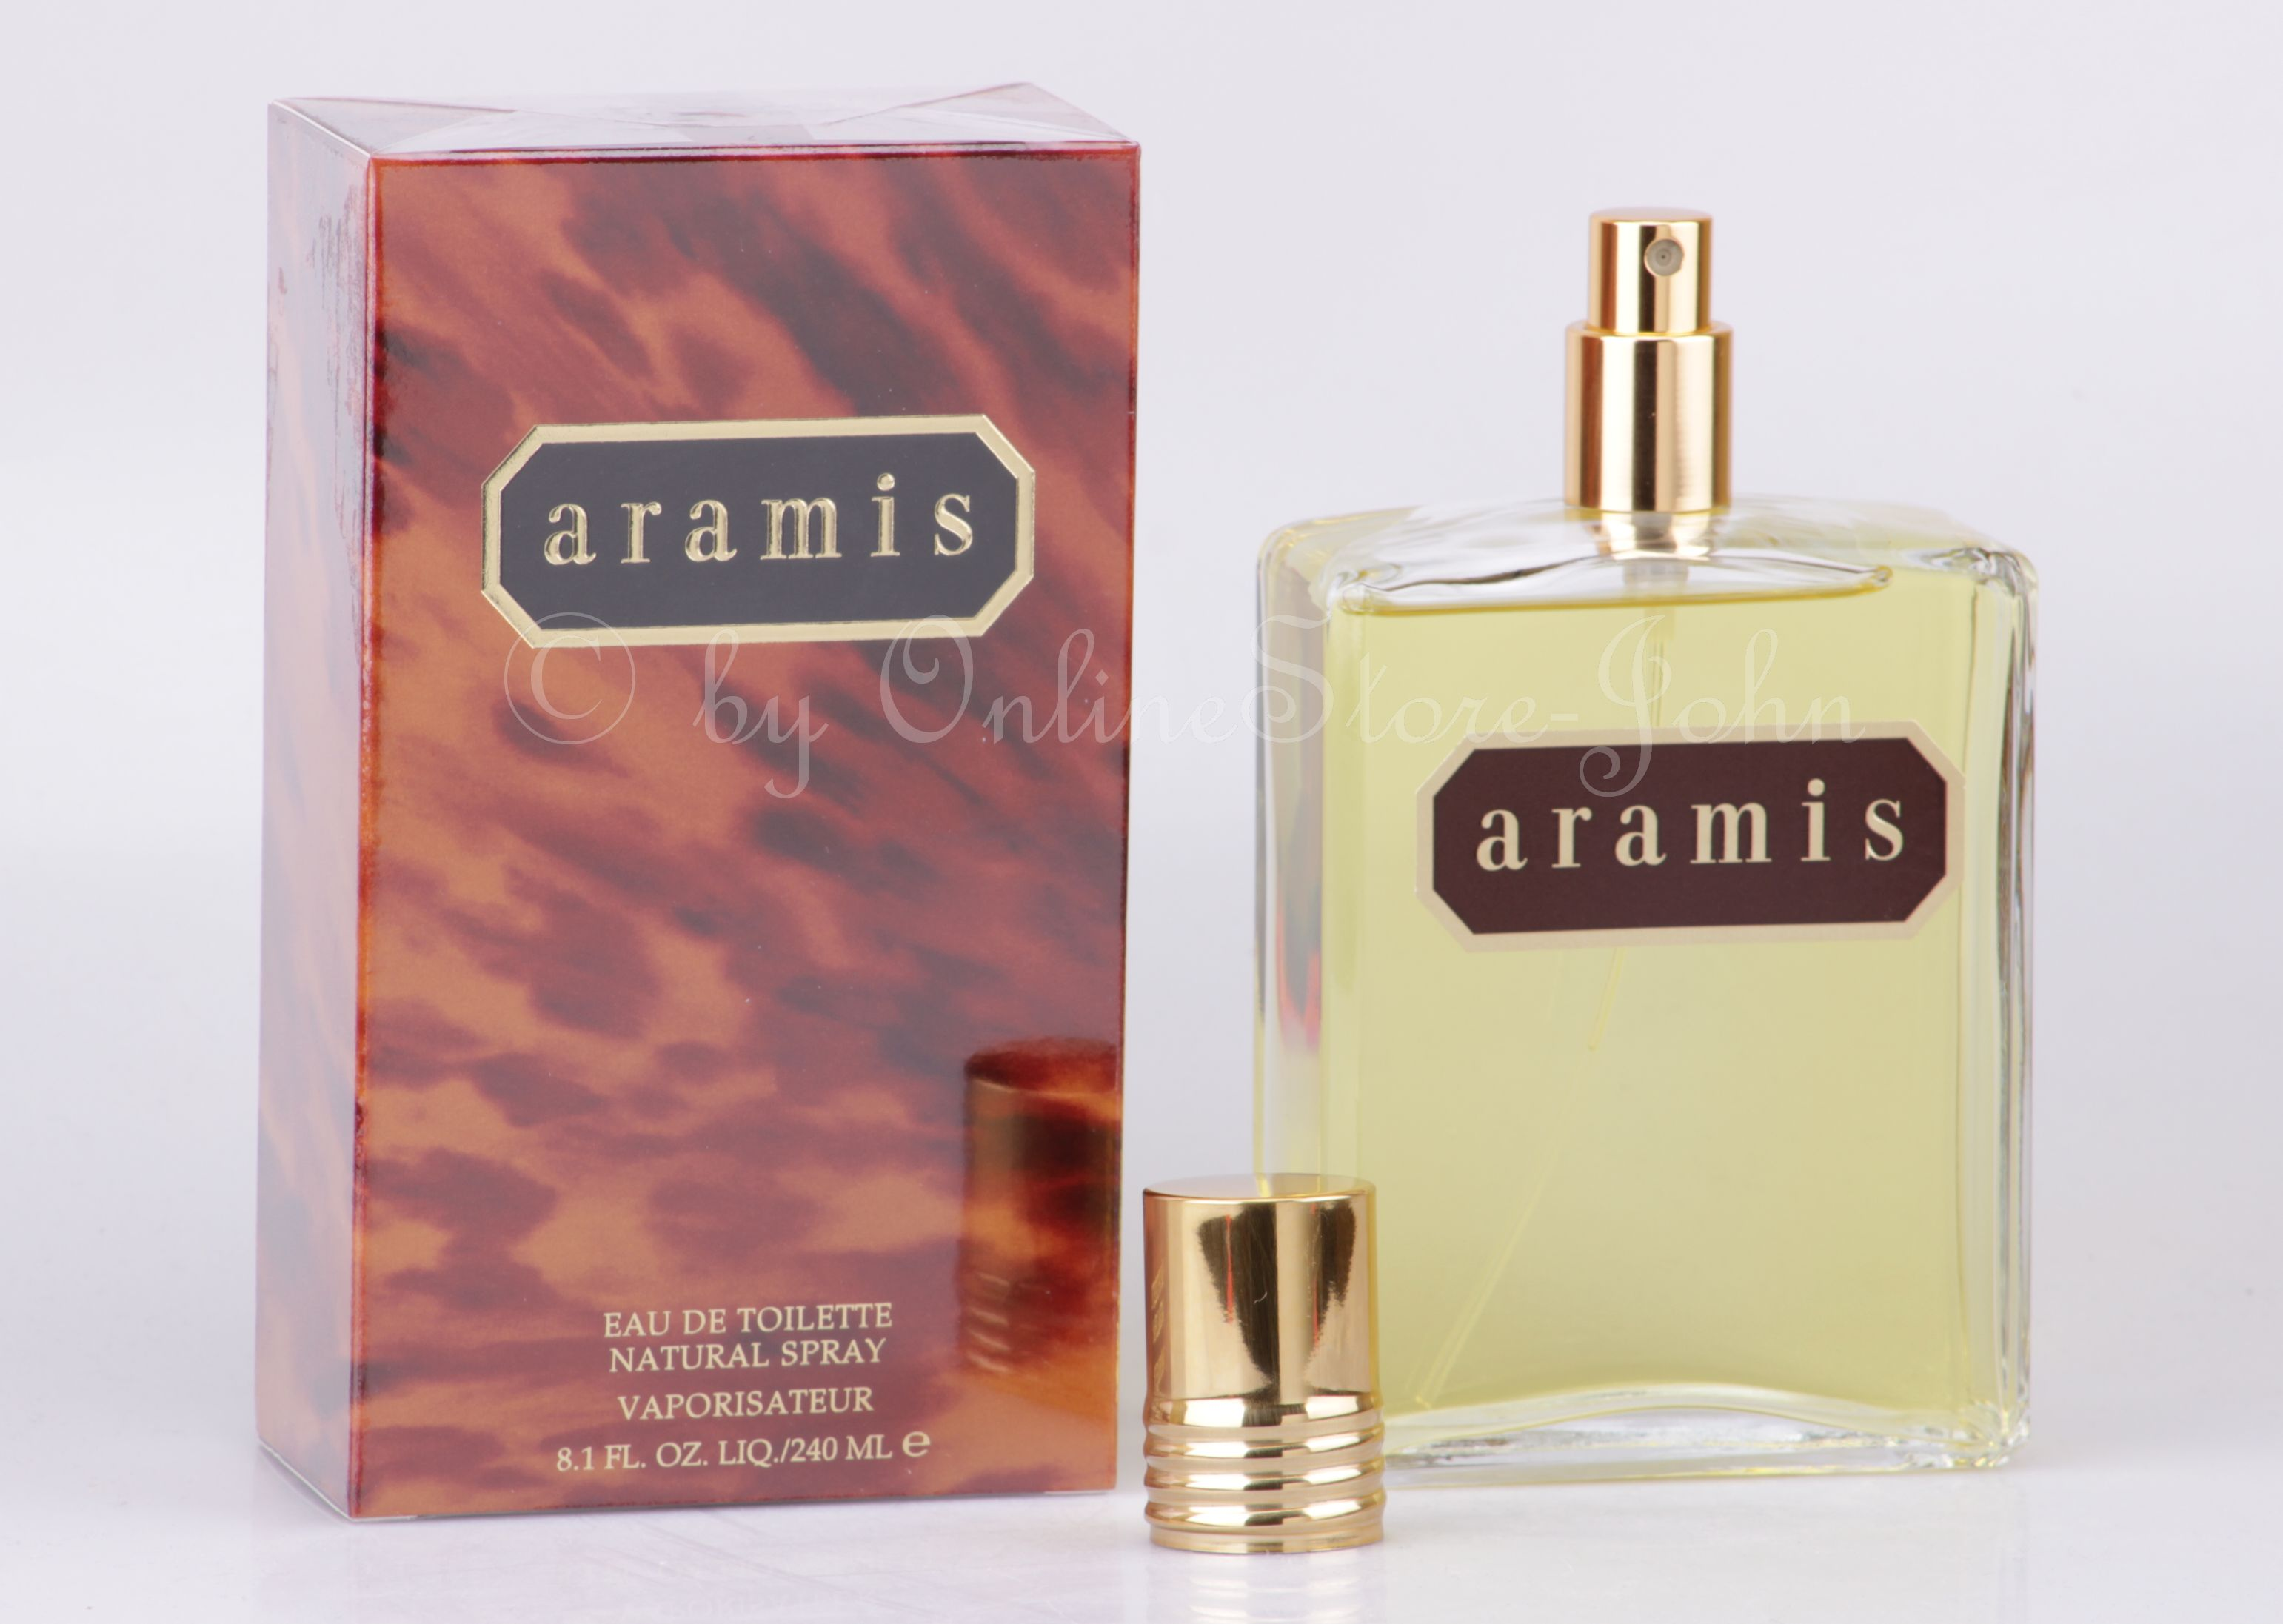 Aramis Classic for Men 240ml EDT Eau de Toilette